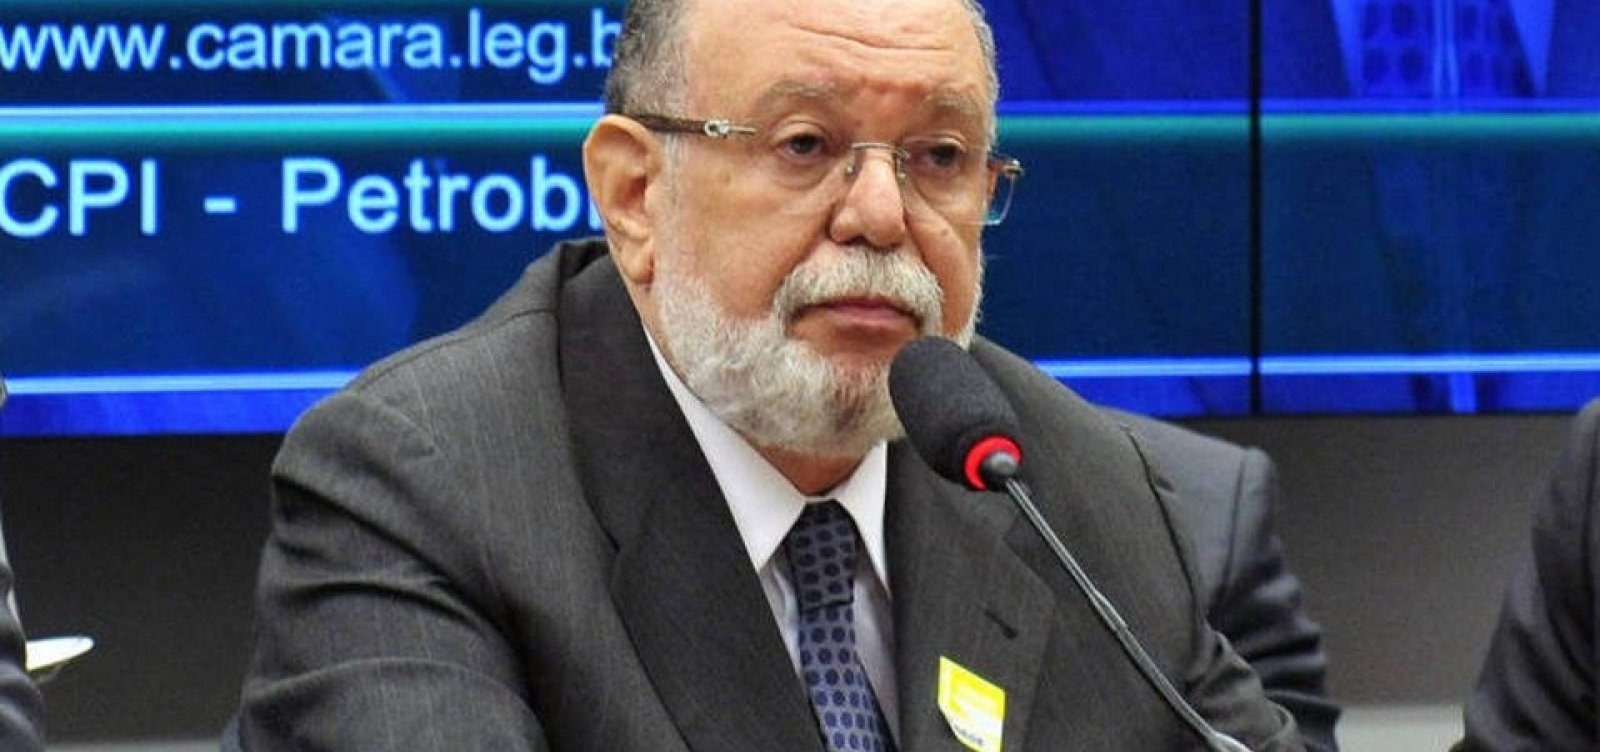 Lava Jato via com descrédito empreiteiro da OAS que acusou Lula no caso do tríplex